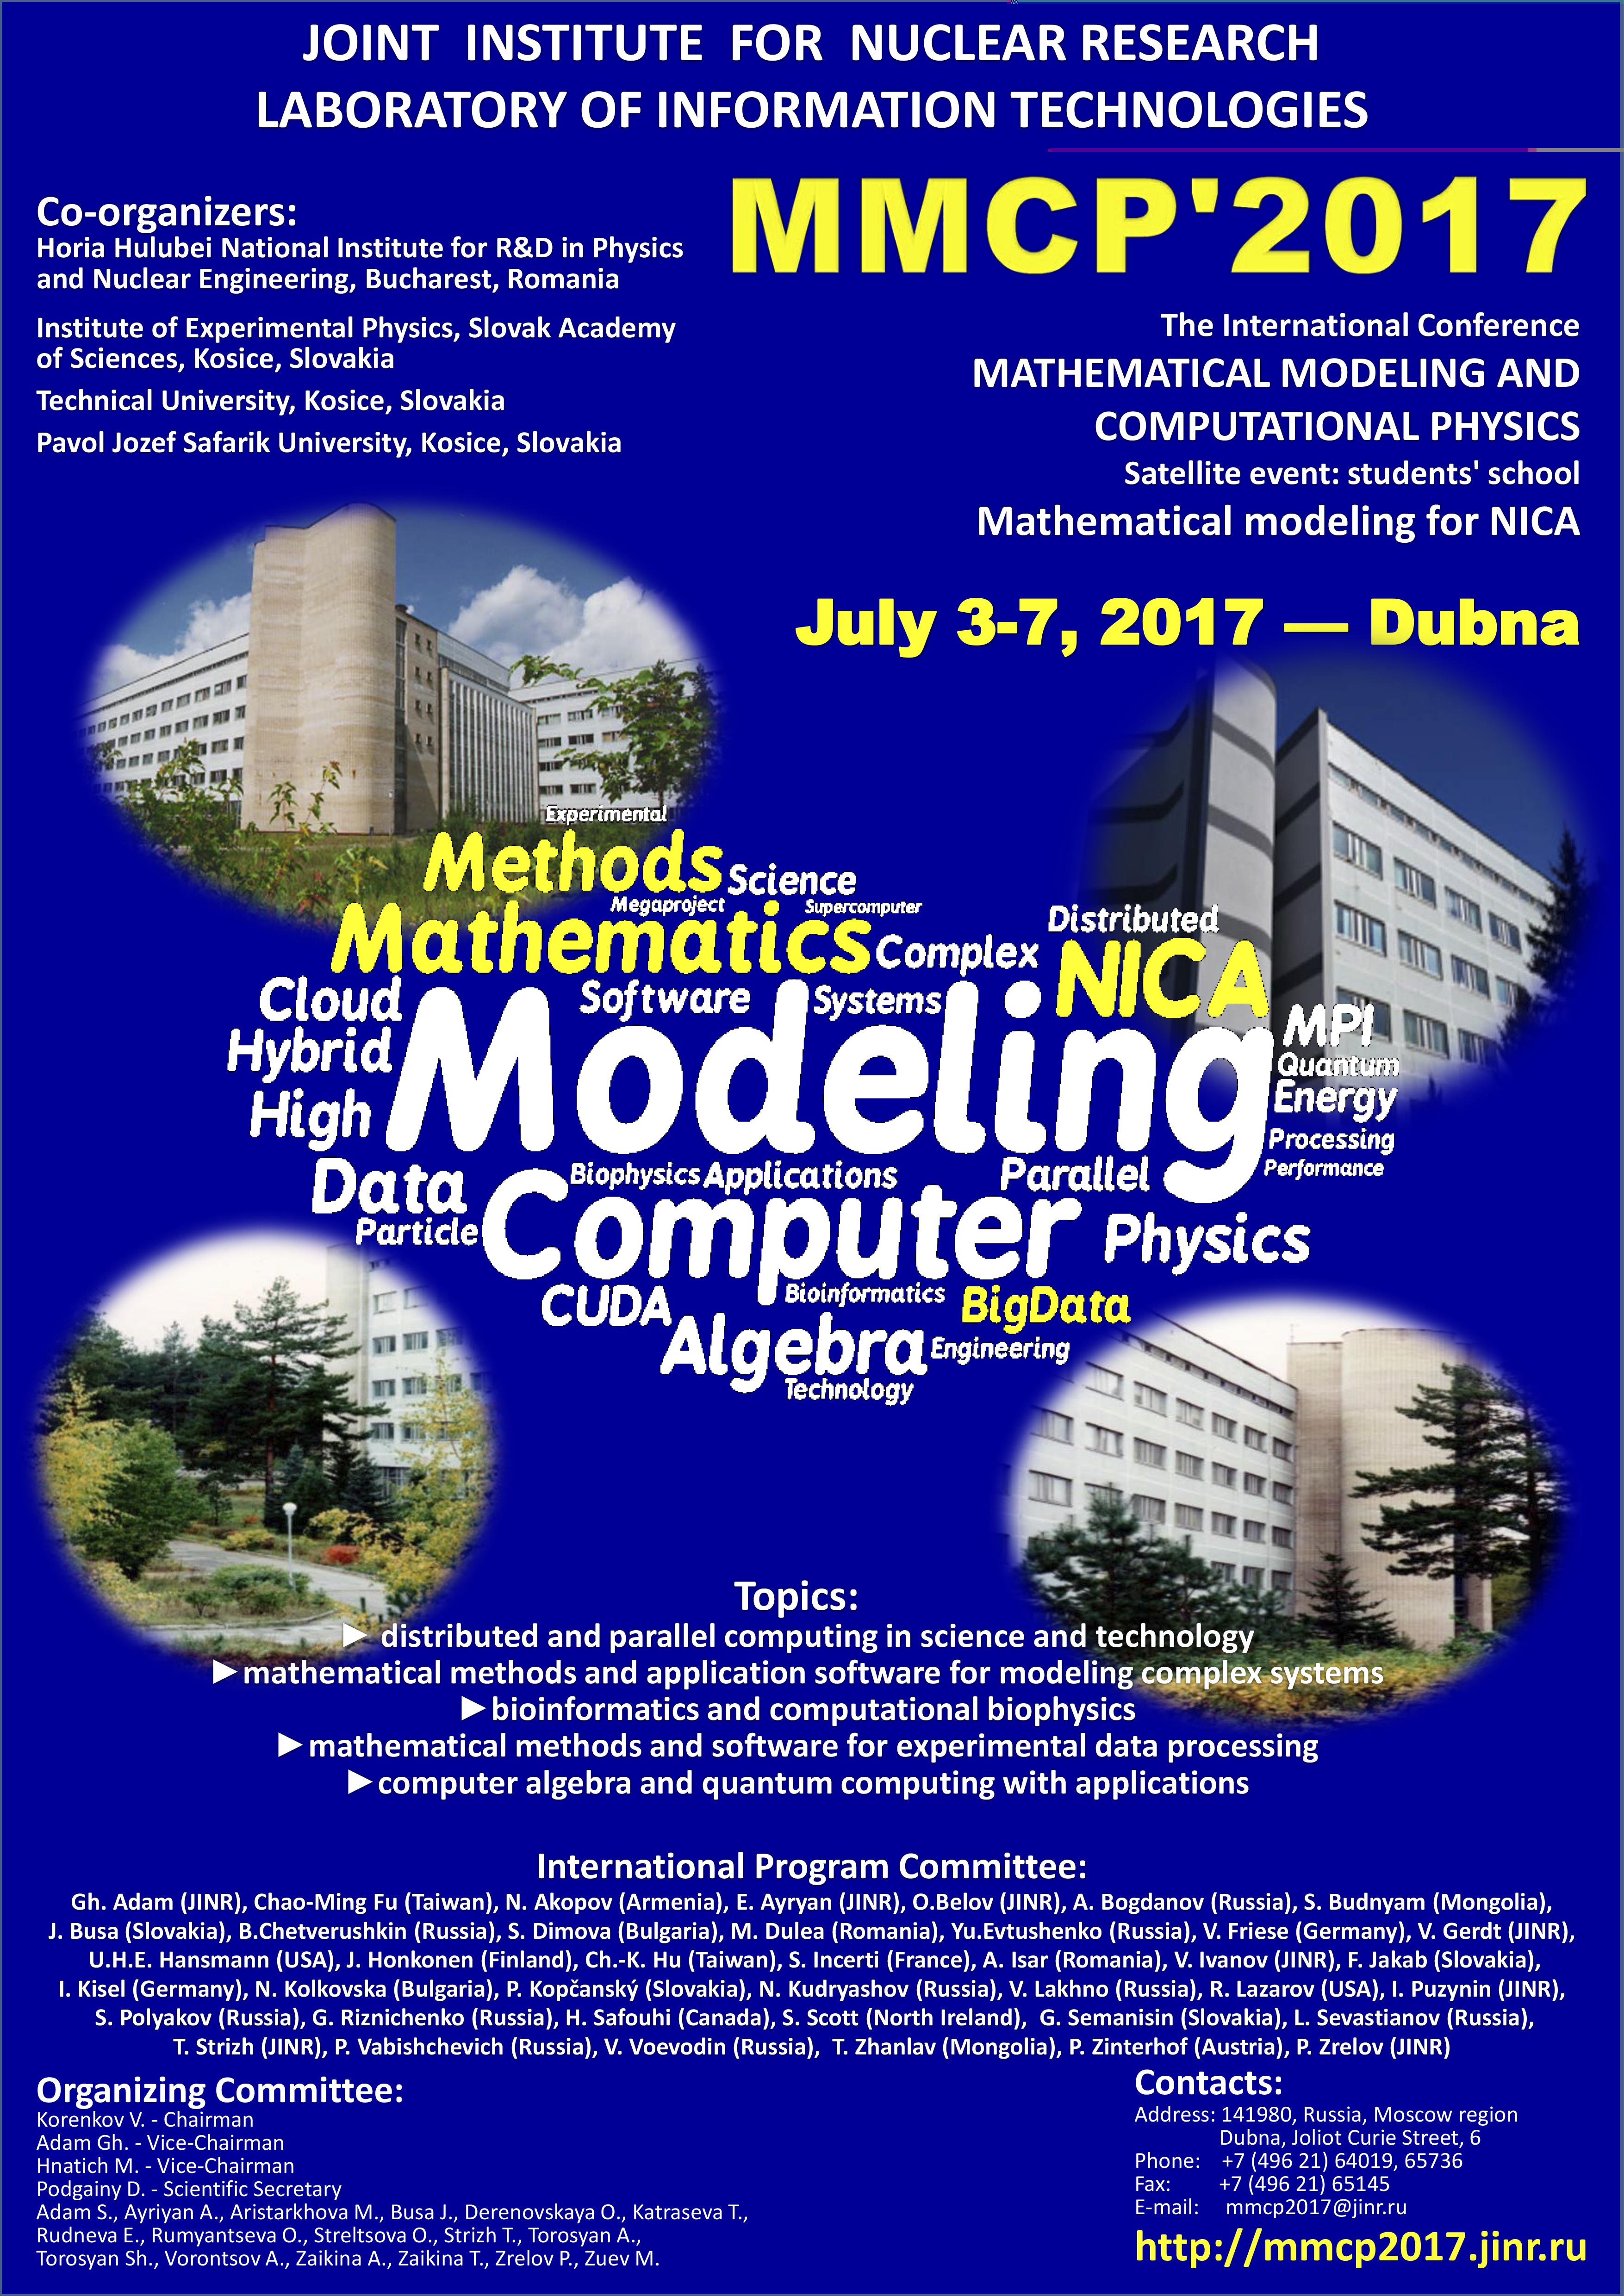 MMCP Poster